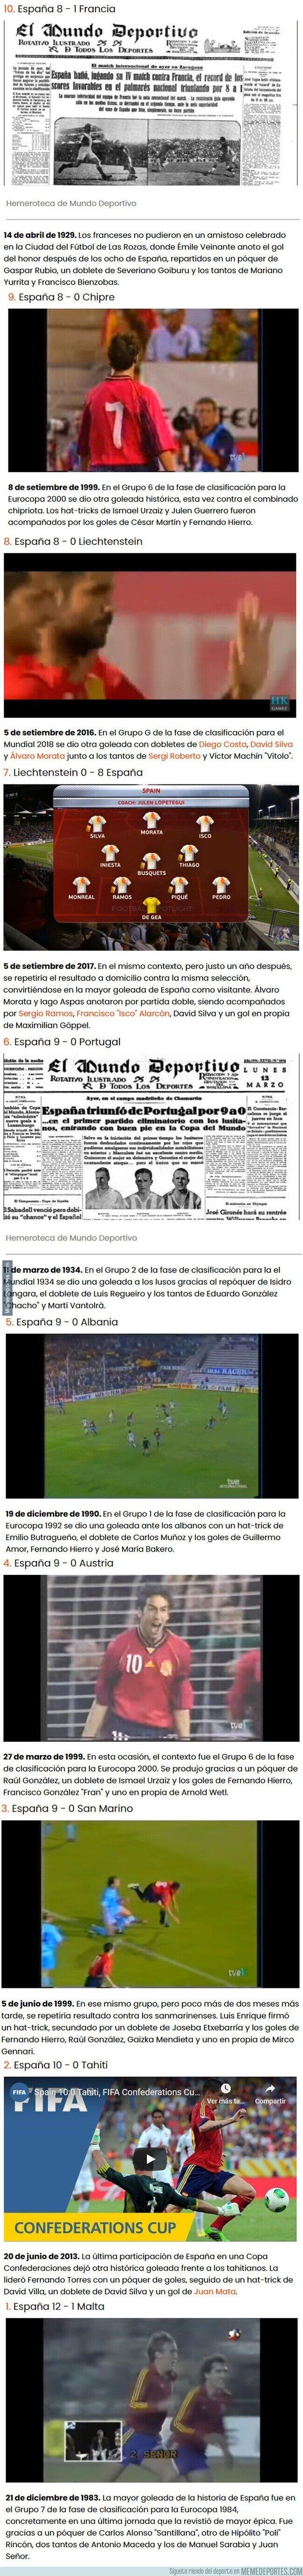 1120665 - Las 10 mayores goleadas que ha propiciado la selección española en su historia